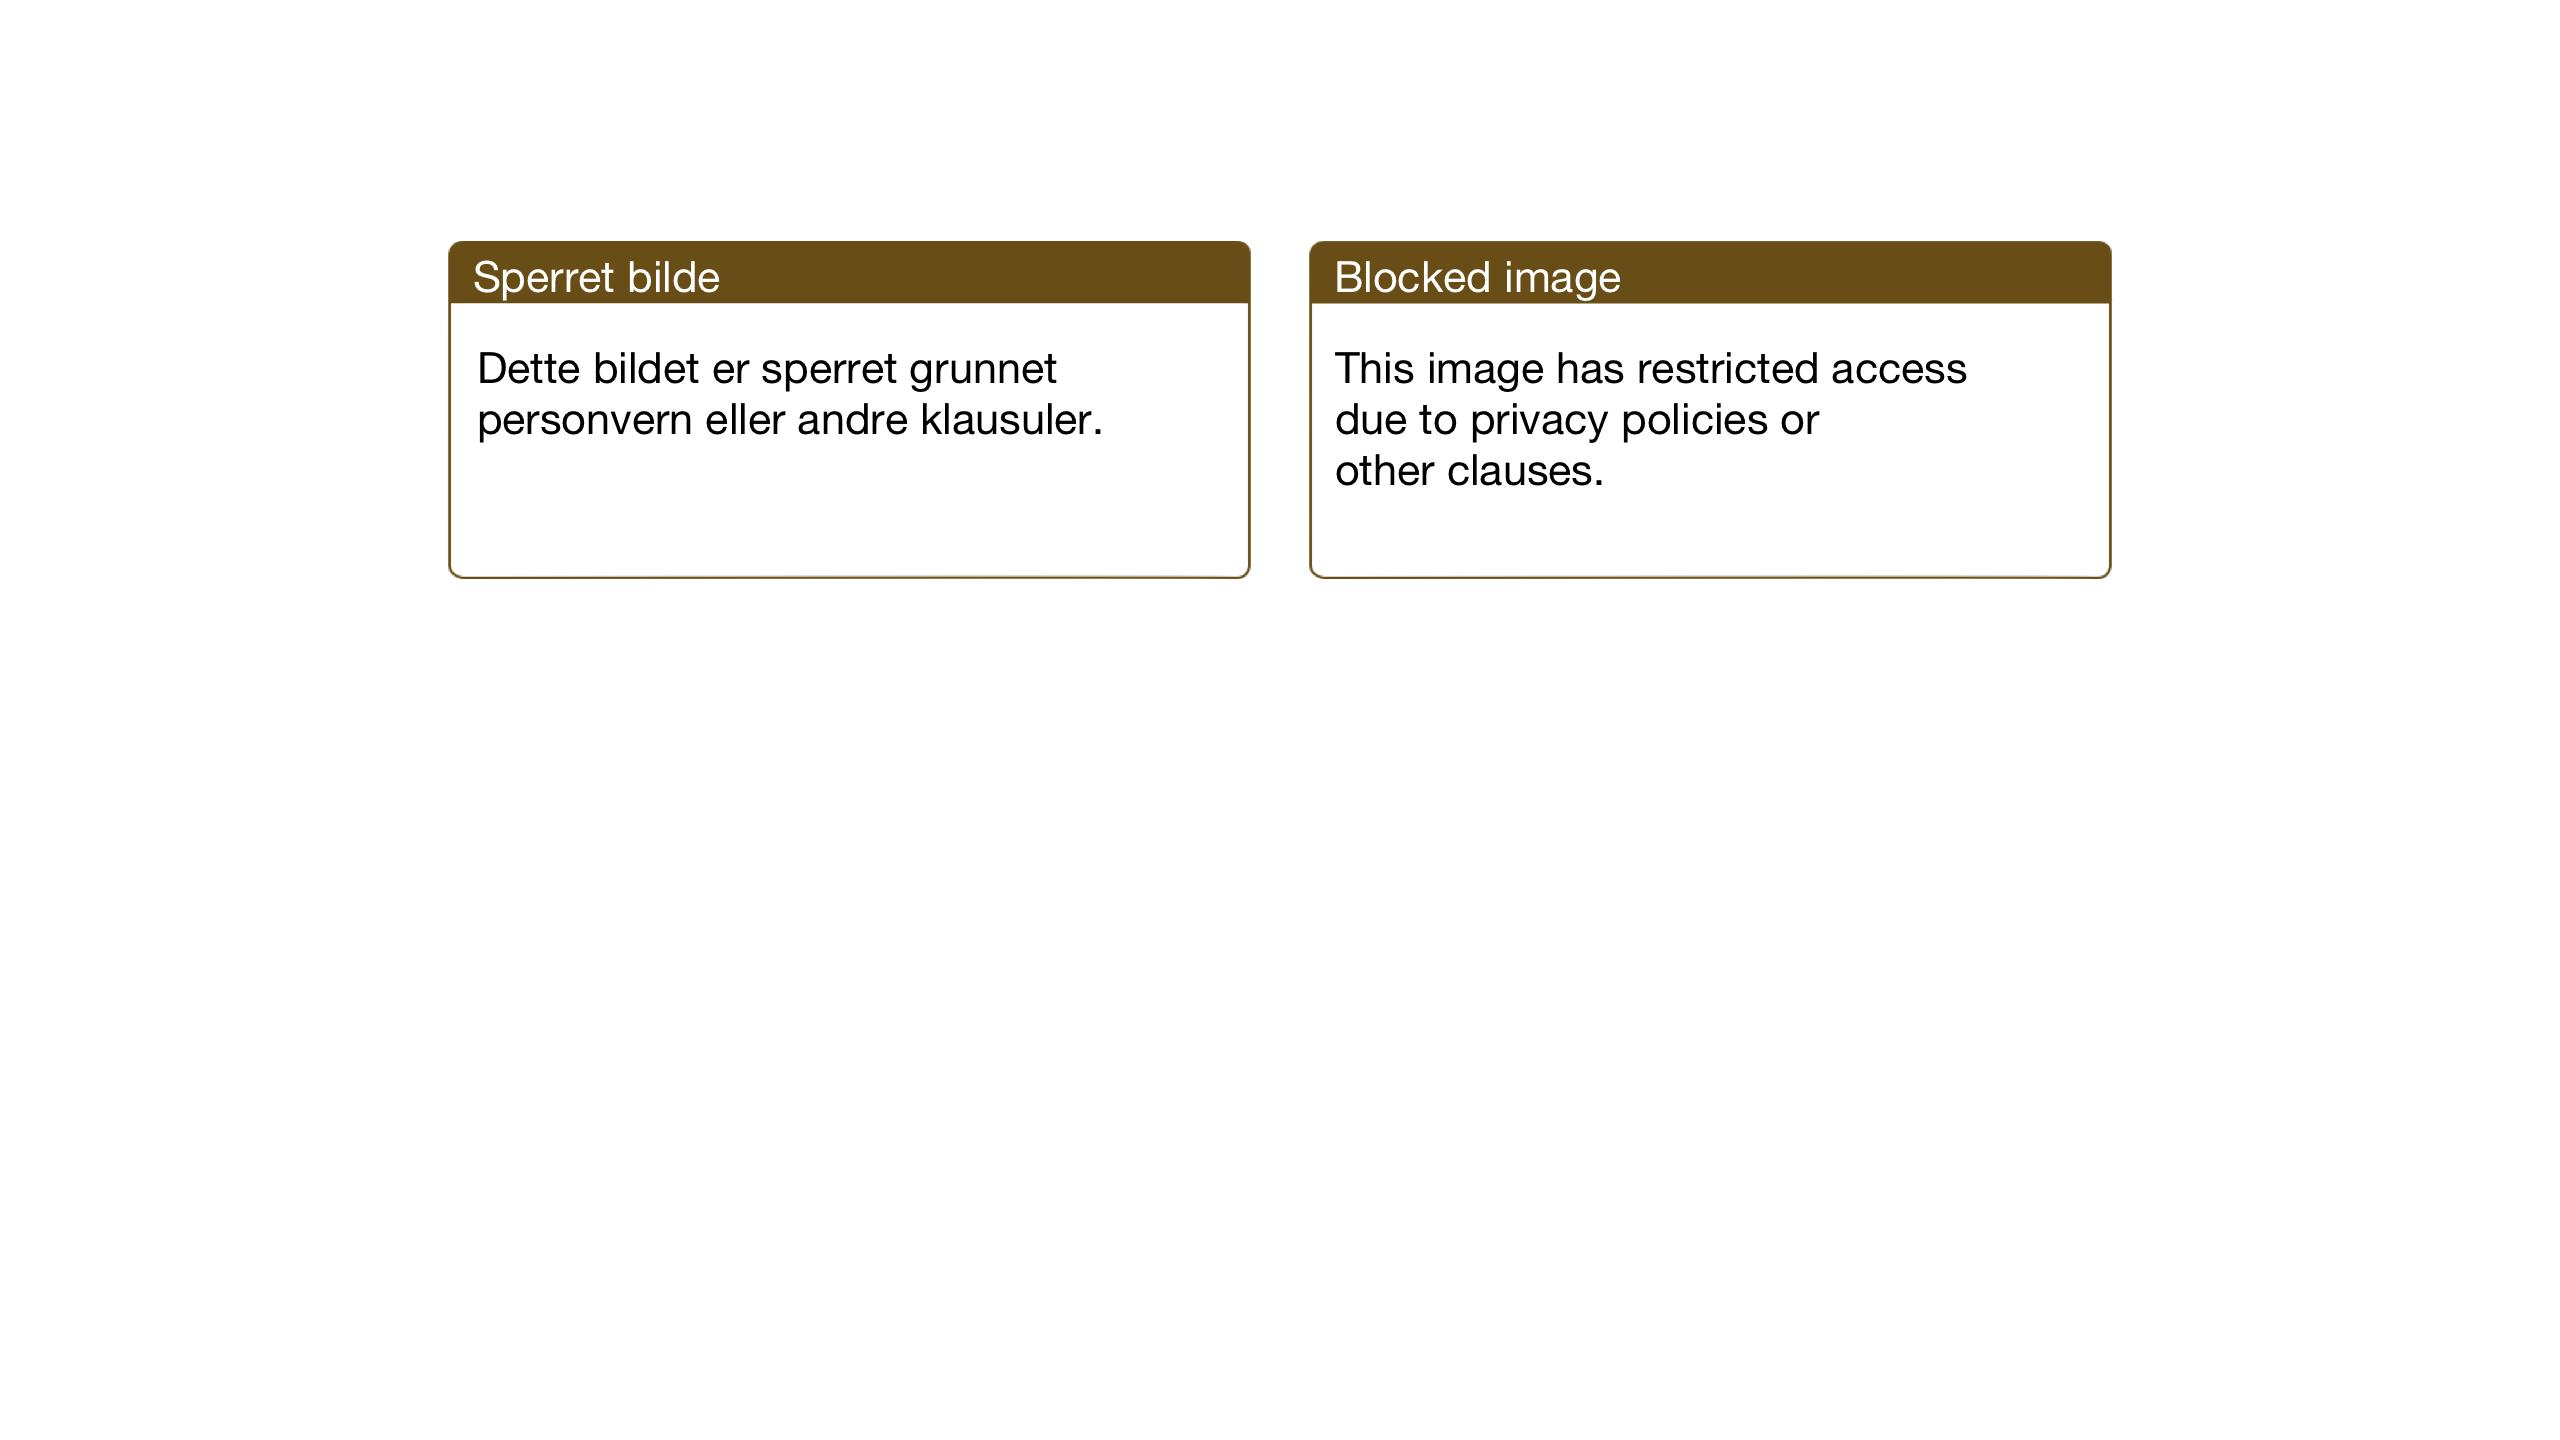 SAT, Ministerialprotokoller, klokkerbøker og fødselsregistre - Sør-Trøndelag, 604/L0210: Ministerialbok nr. 604A30, 1932-1946, s. 58